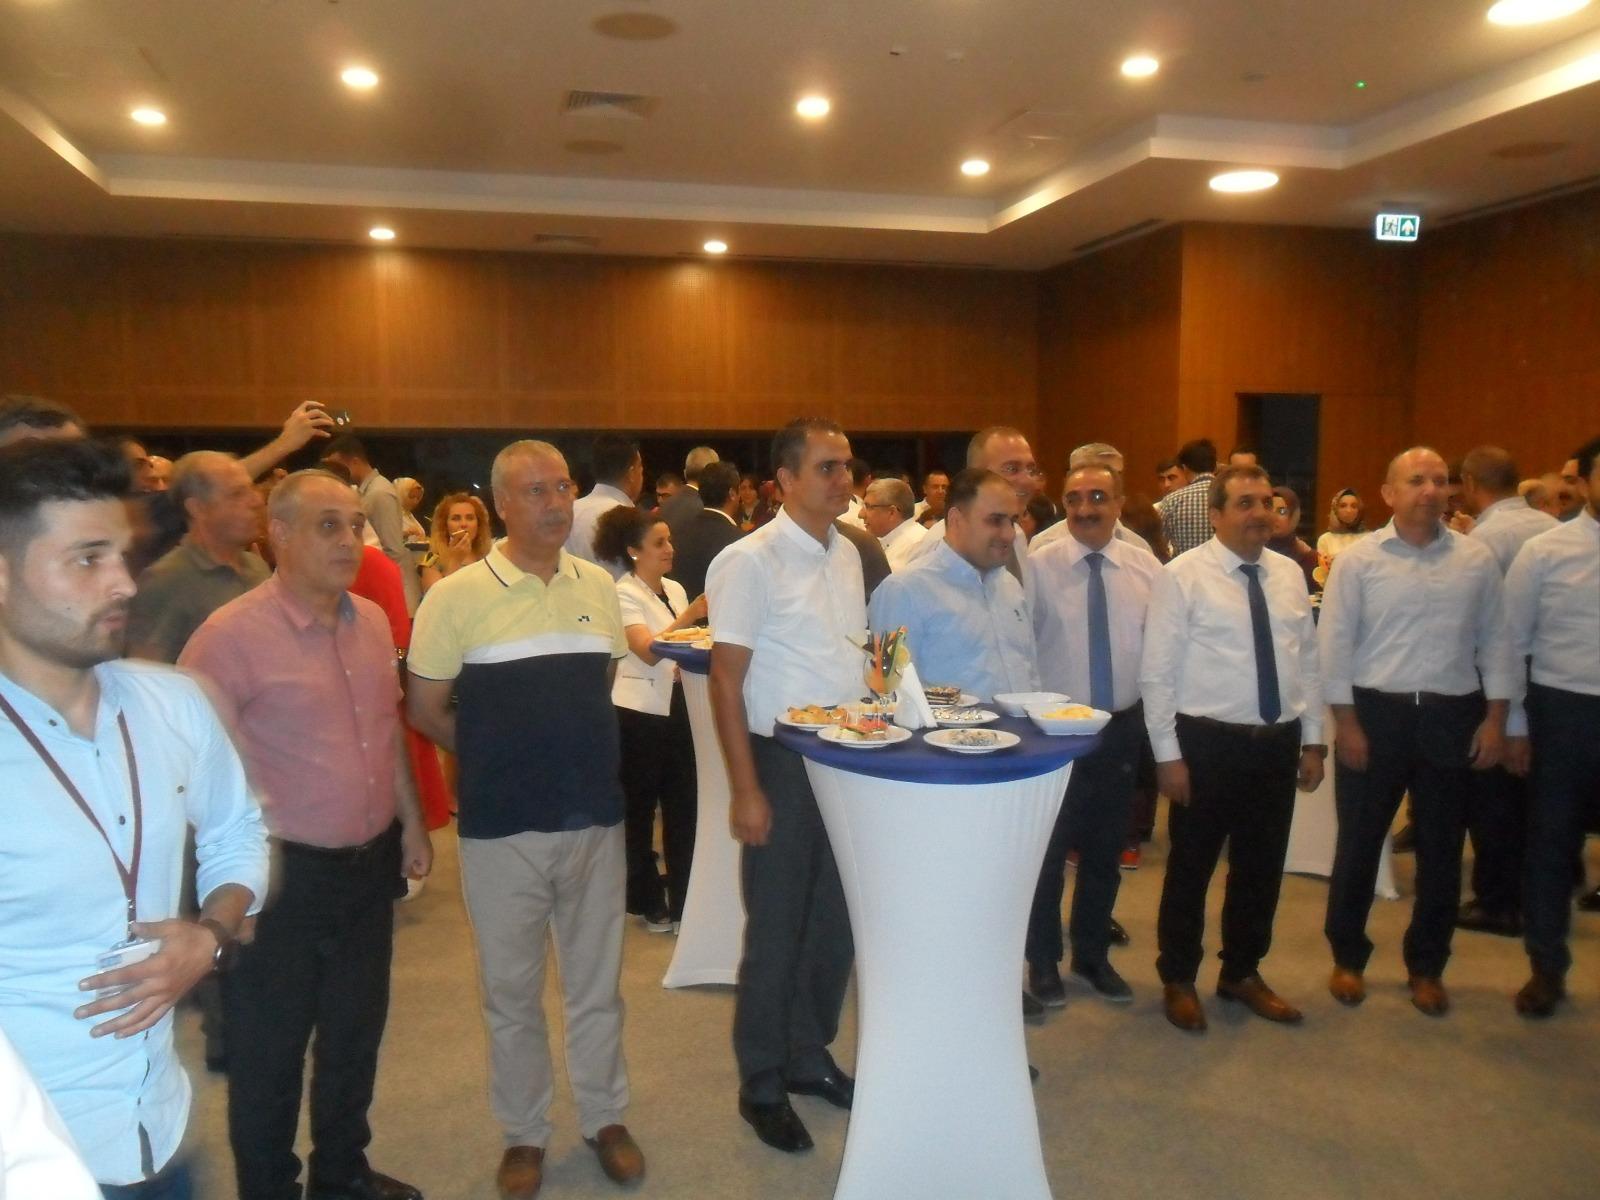 Türk Sağlık Sen Elazığ Şubesi olarak Elazığ Fethi Sekin Şehir Hastanesinin açılışının 1. yıldönümü etkinlikleri kapsamında düzenlenen organizasyona Şube Başkanımız Reşit KILIÇ, Şube Başkan Yardımcılarımız Adem POLAT ve Uğur DABAK ile birlikte katıldık.